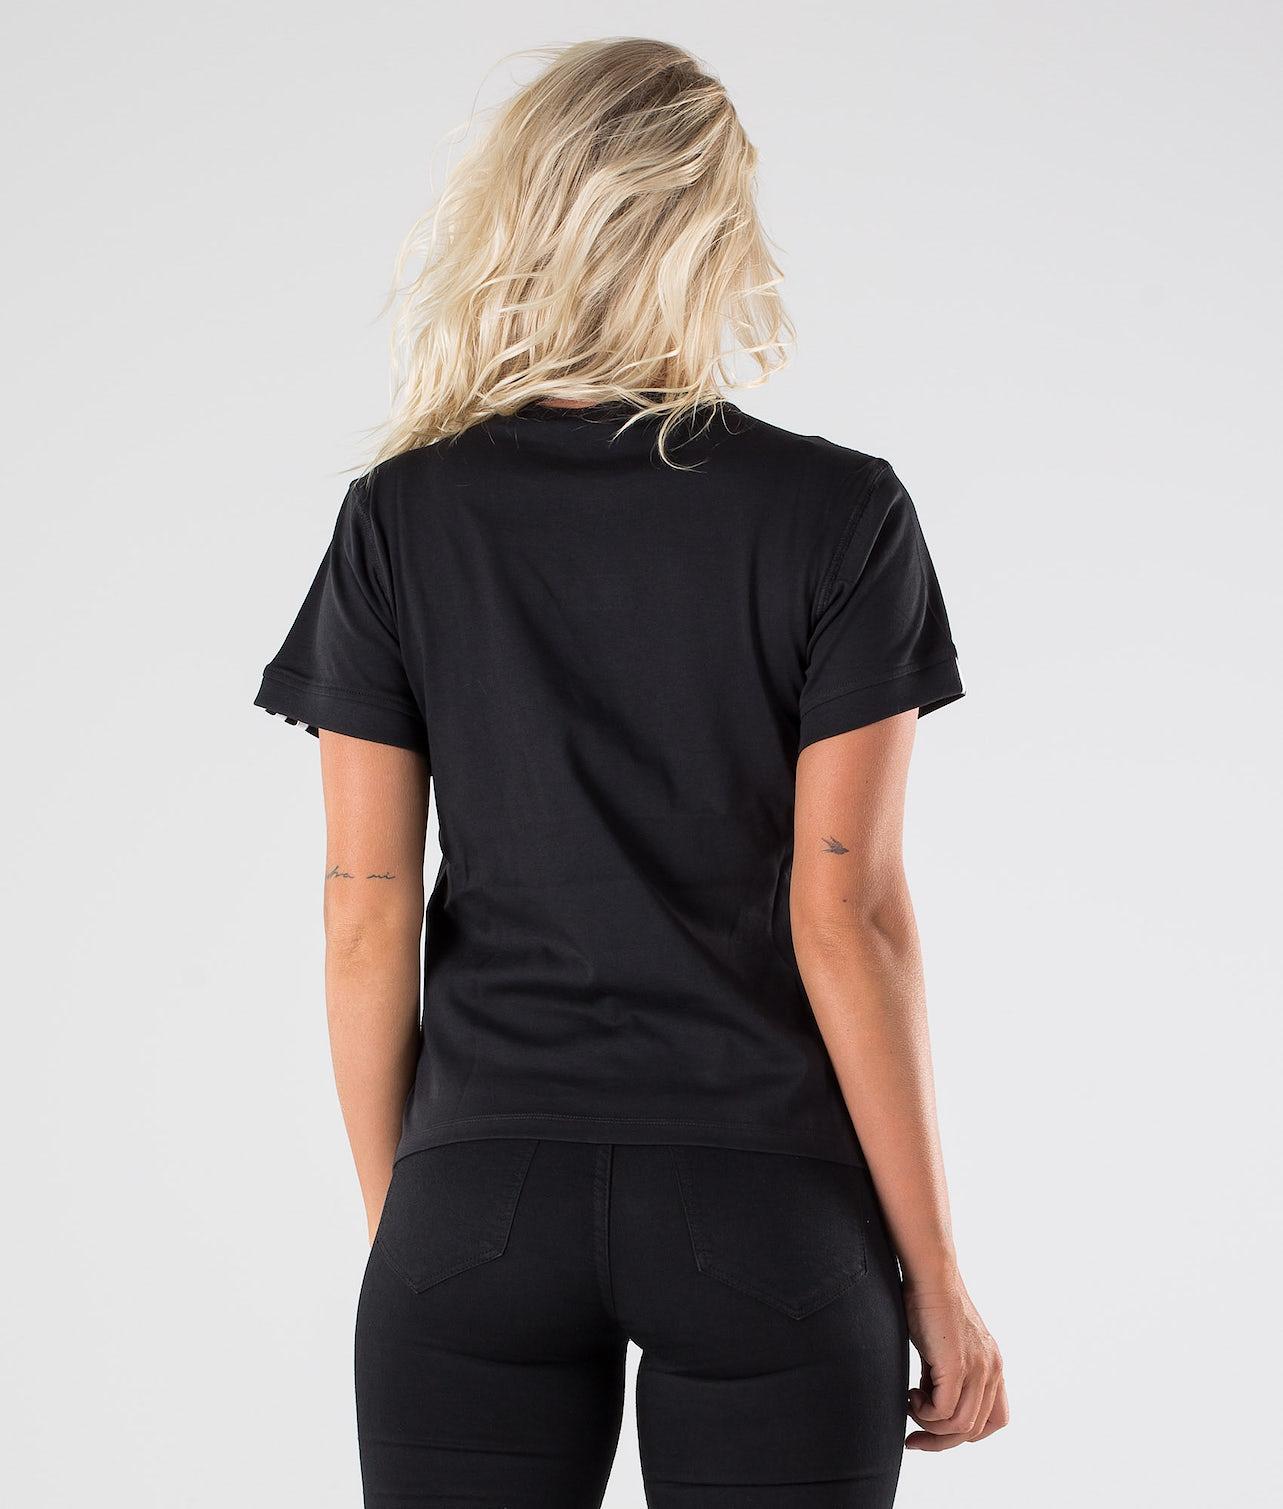 Kjøp T Shirt. T-shirt fra Adidas Originals på Ridestore.no - Hos oss har du alltid fri frakt, fri retur og 30 dagers åpent kjøp!